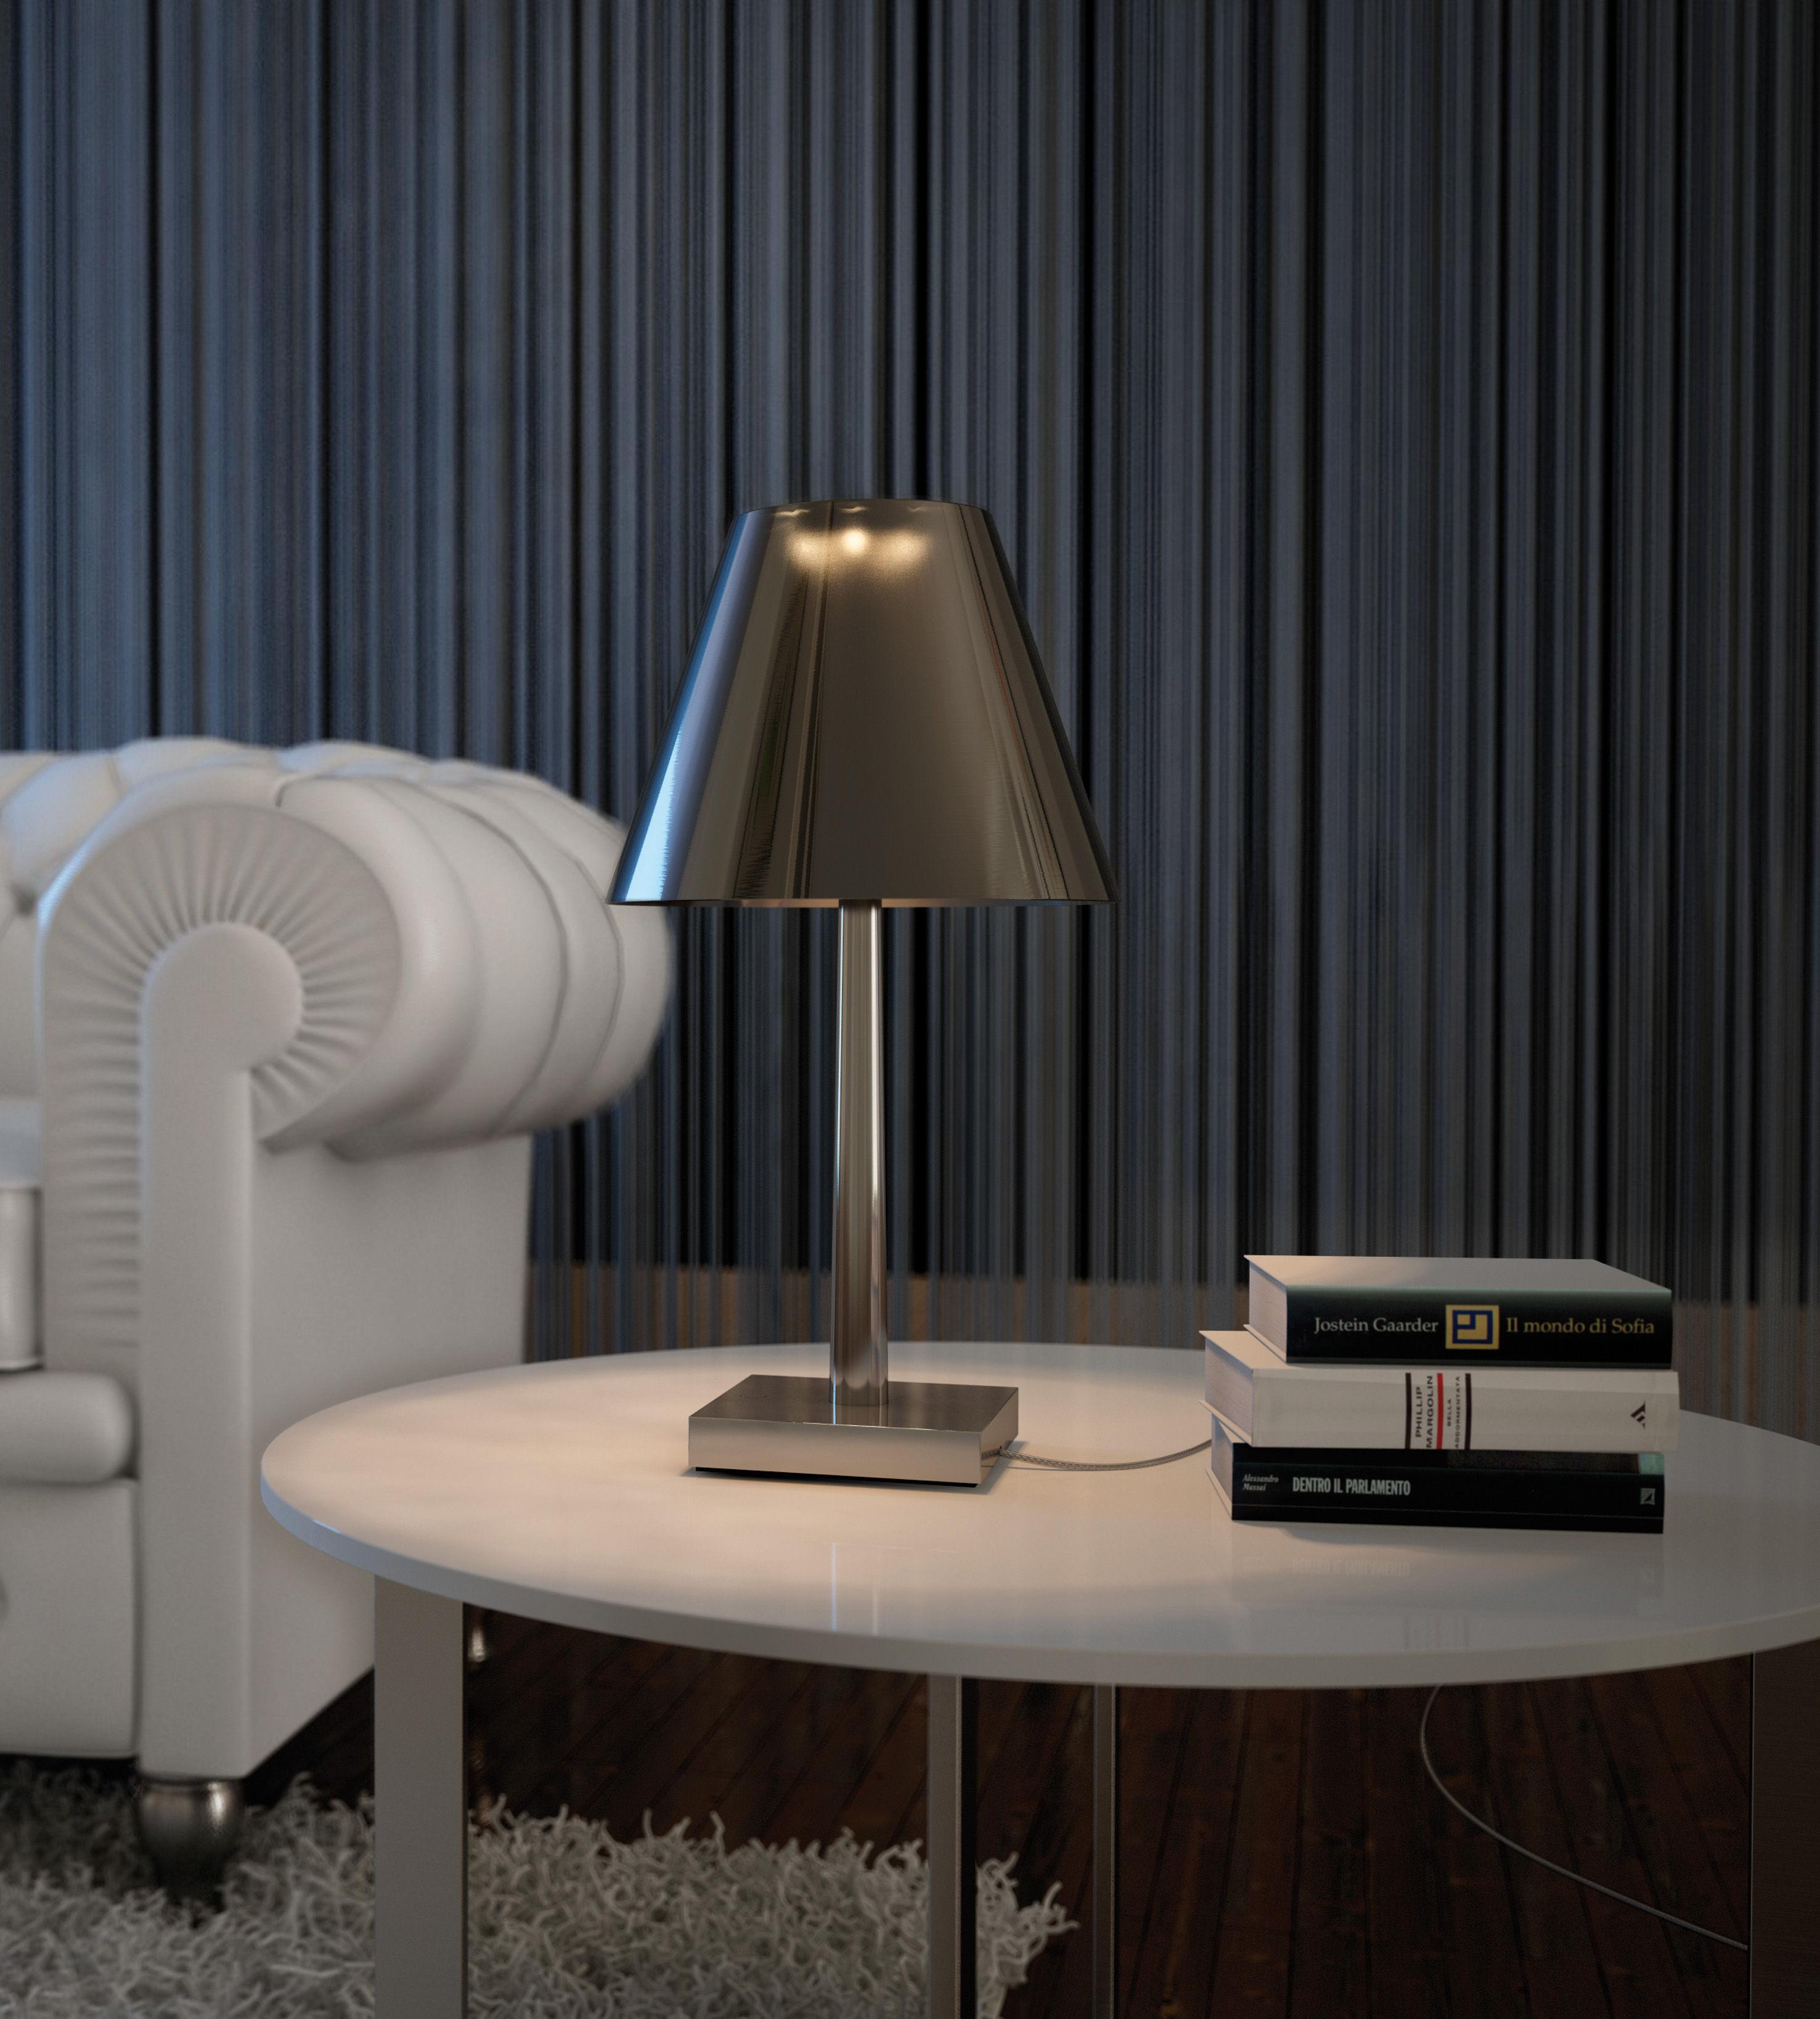 Lampe de table dina led structure aluminium abat jour for Structure d abat jour